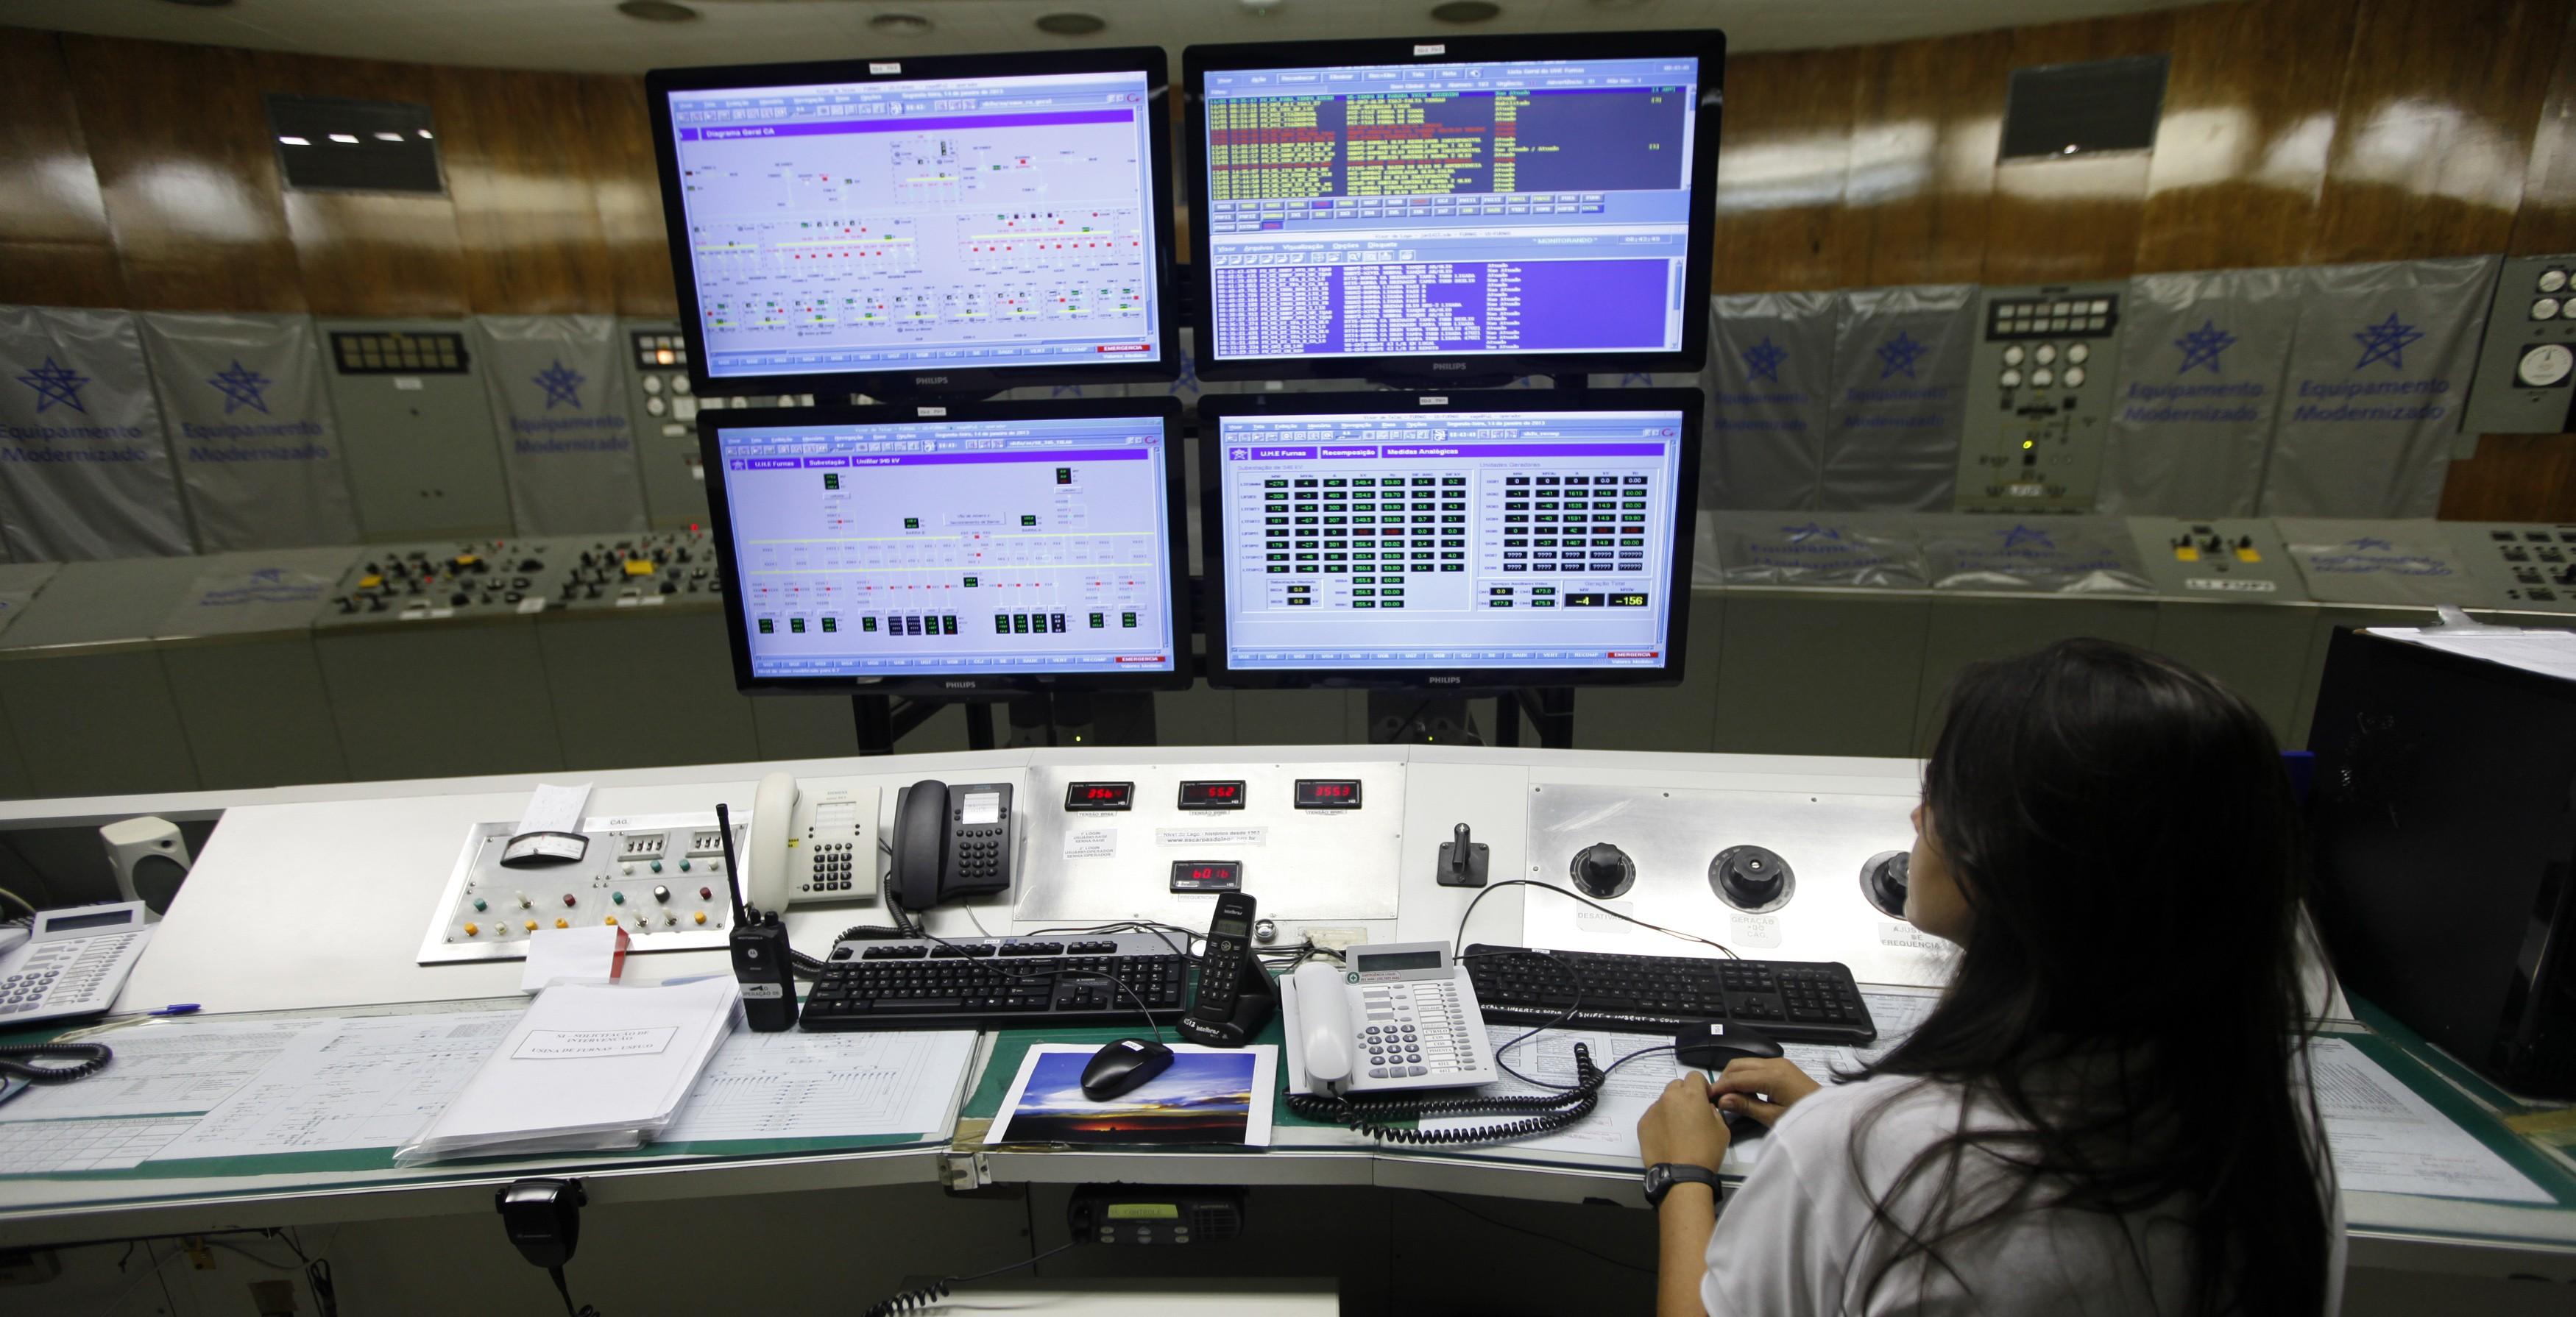 Ataques cibernéticos aumentam com pandemia e atingem companhias elétricas no Brasil e no mundo